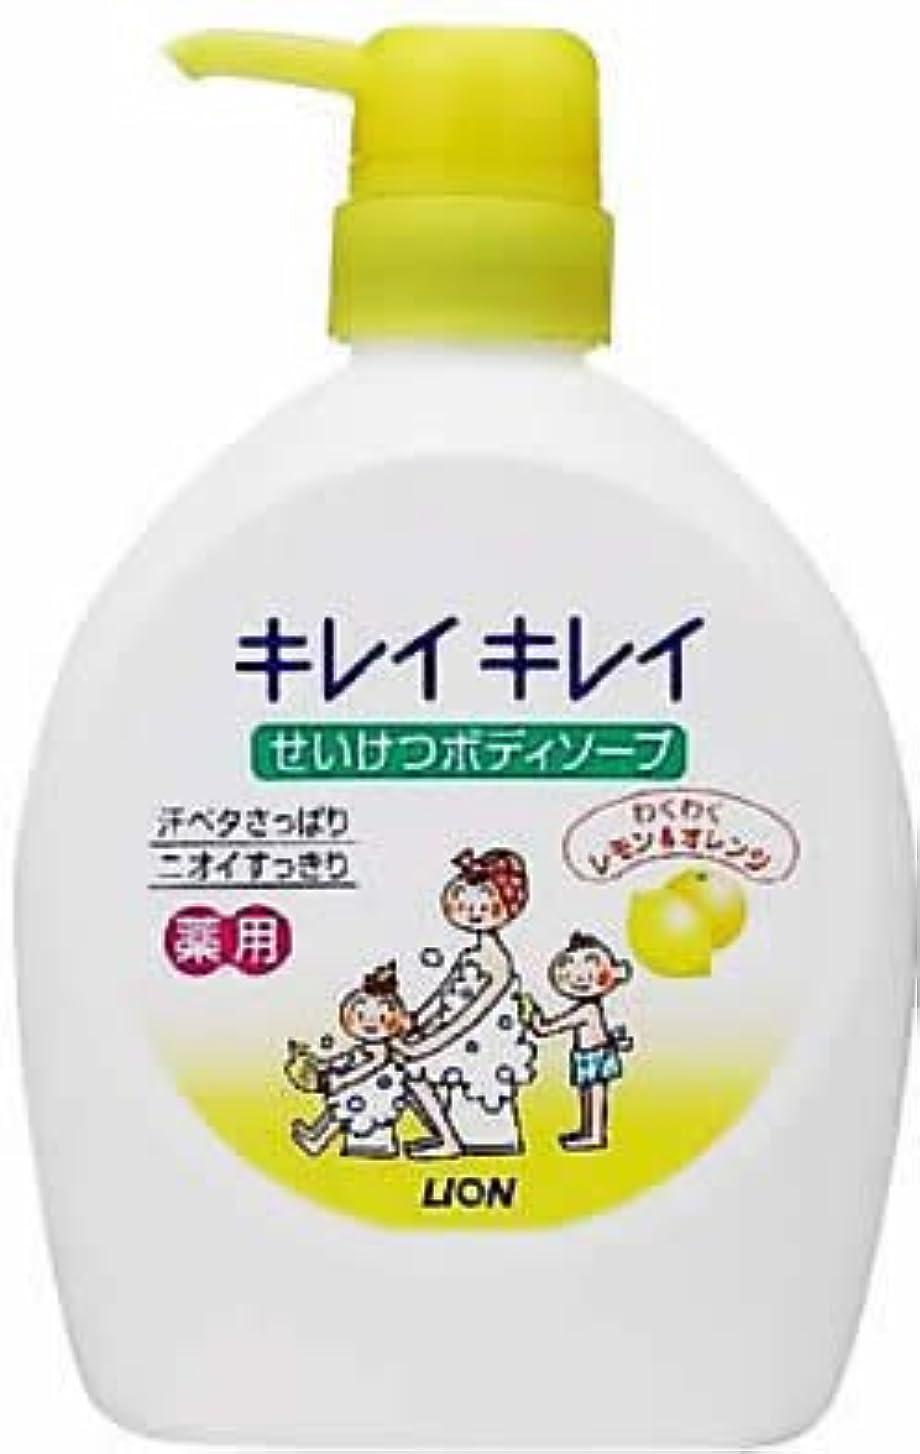 判決城メダリストキレイキレイ せいけつボディソープ わくわくレモン&オレンジの香り 本体ポンプ 580ml